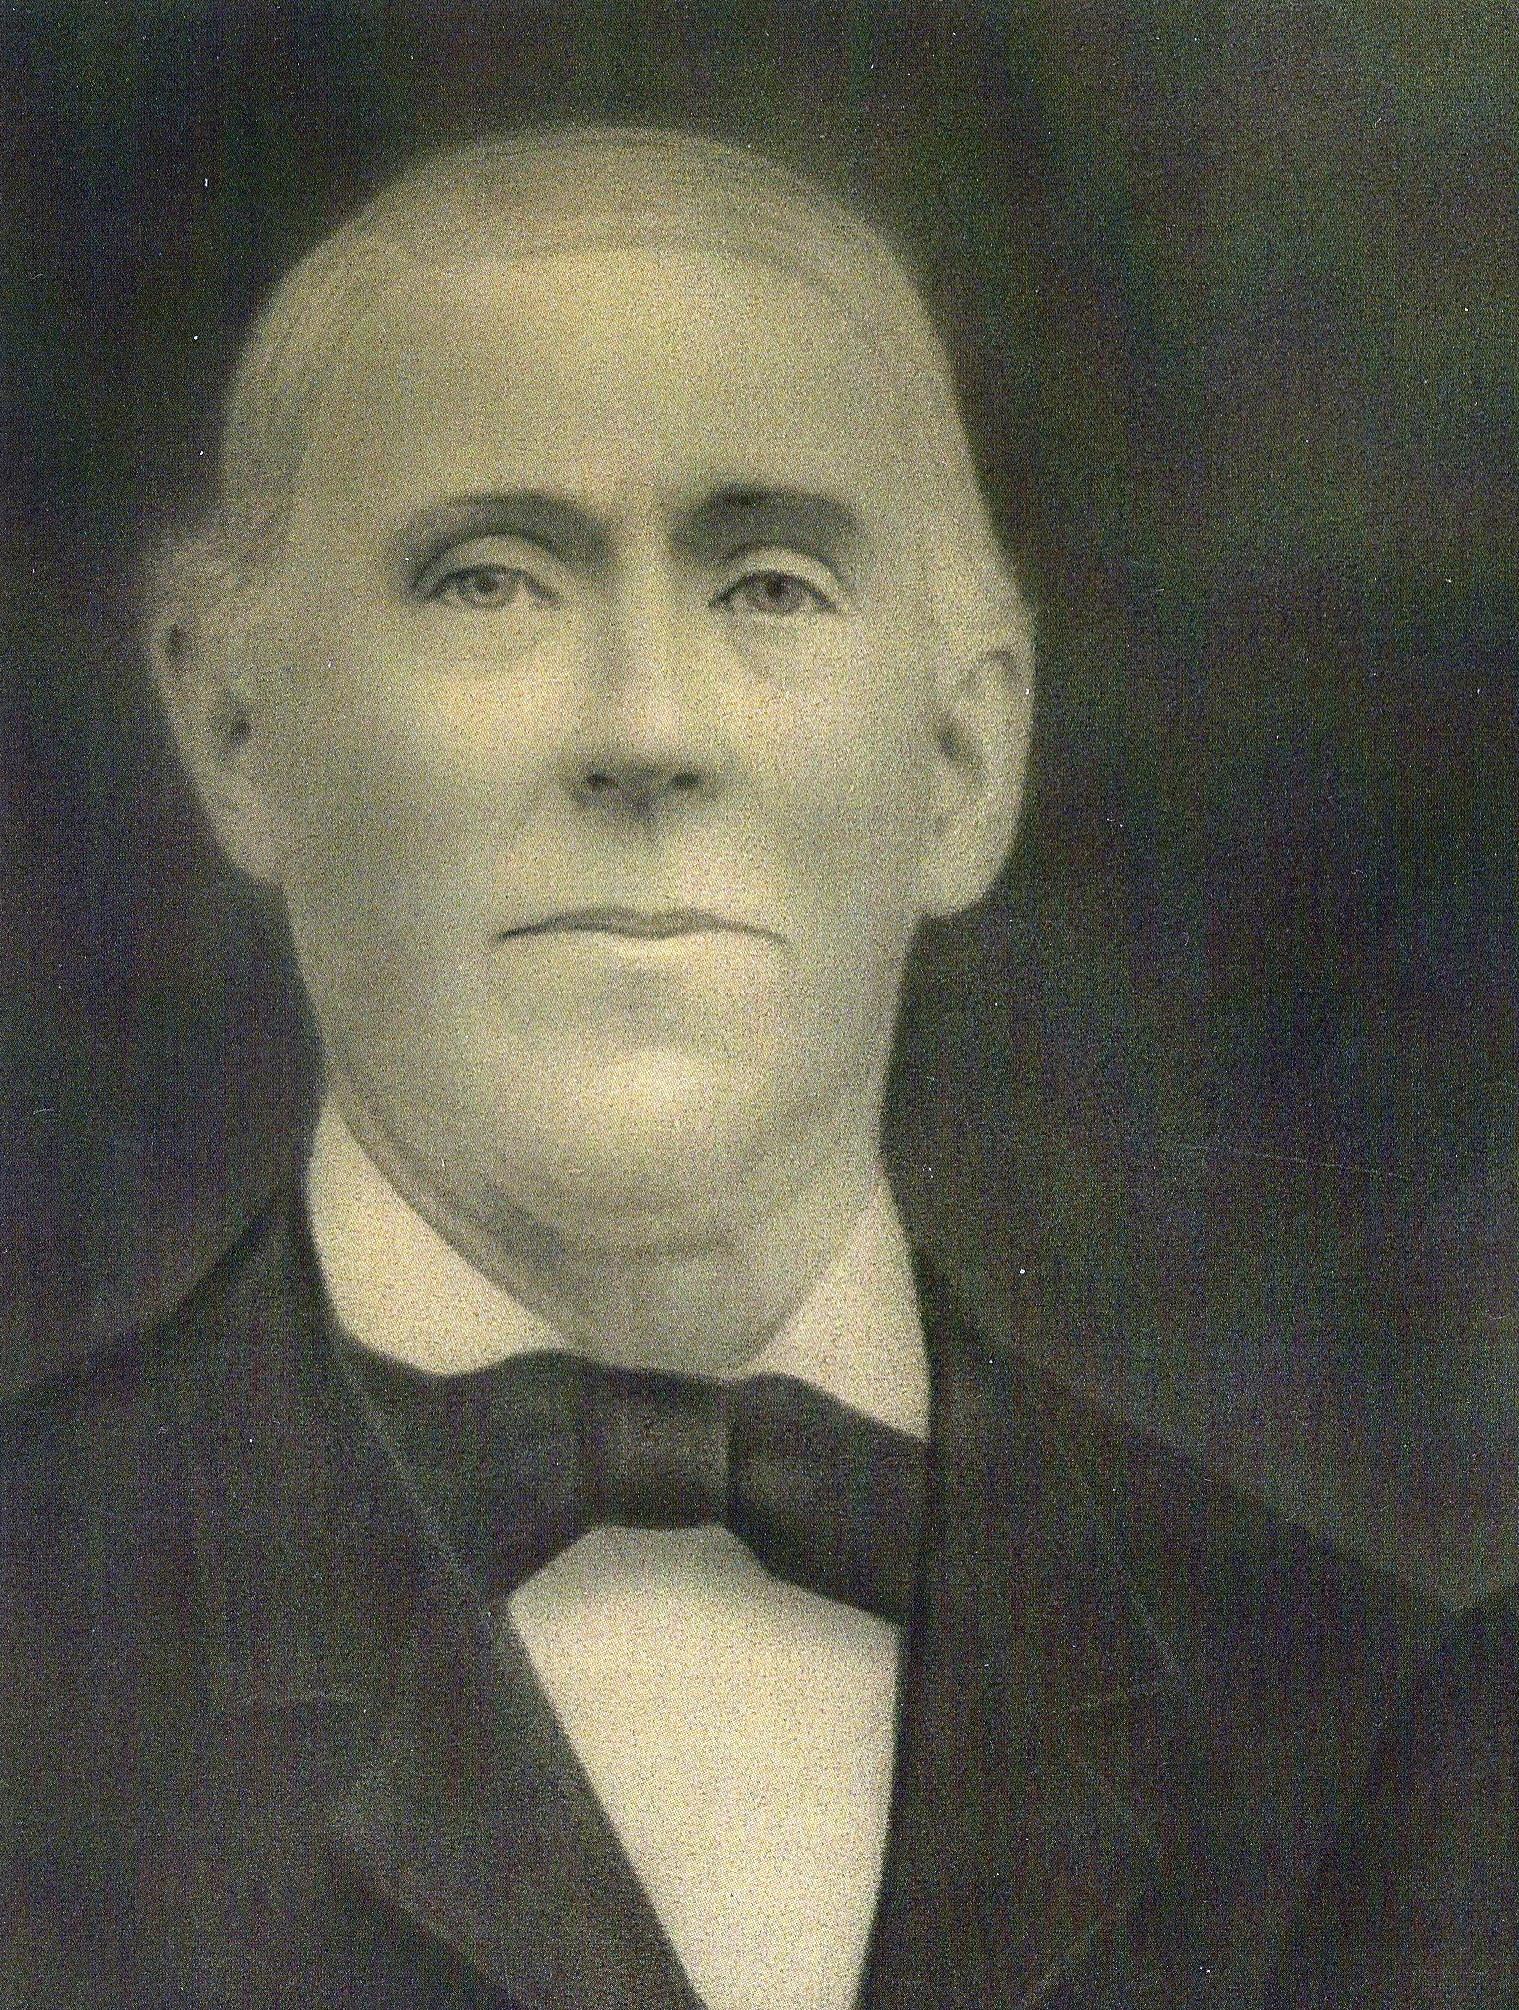 Johann Eissler